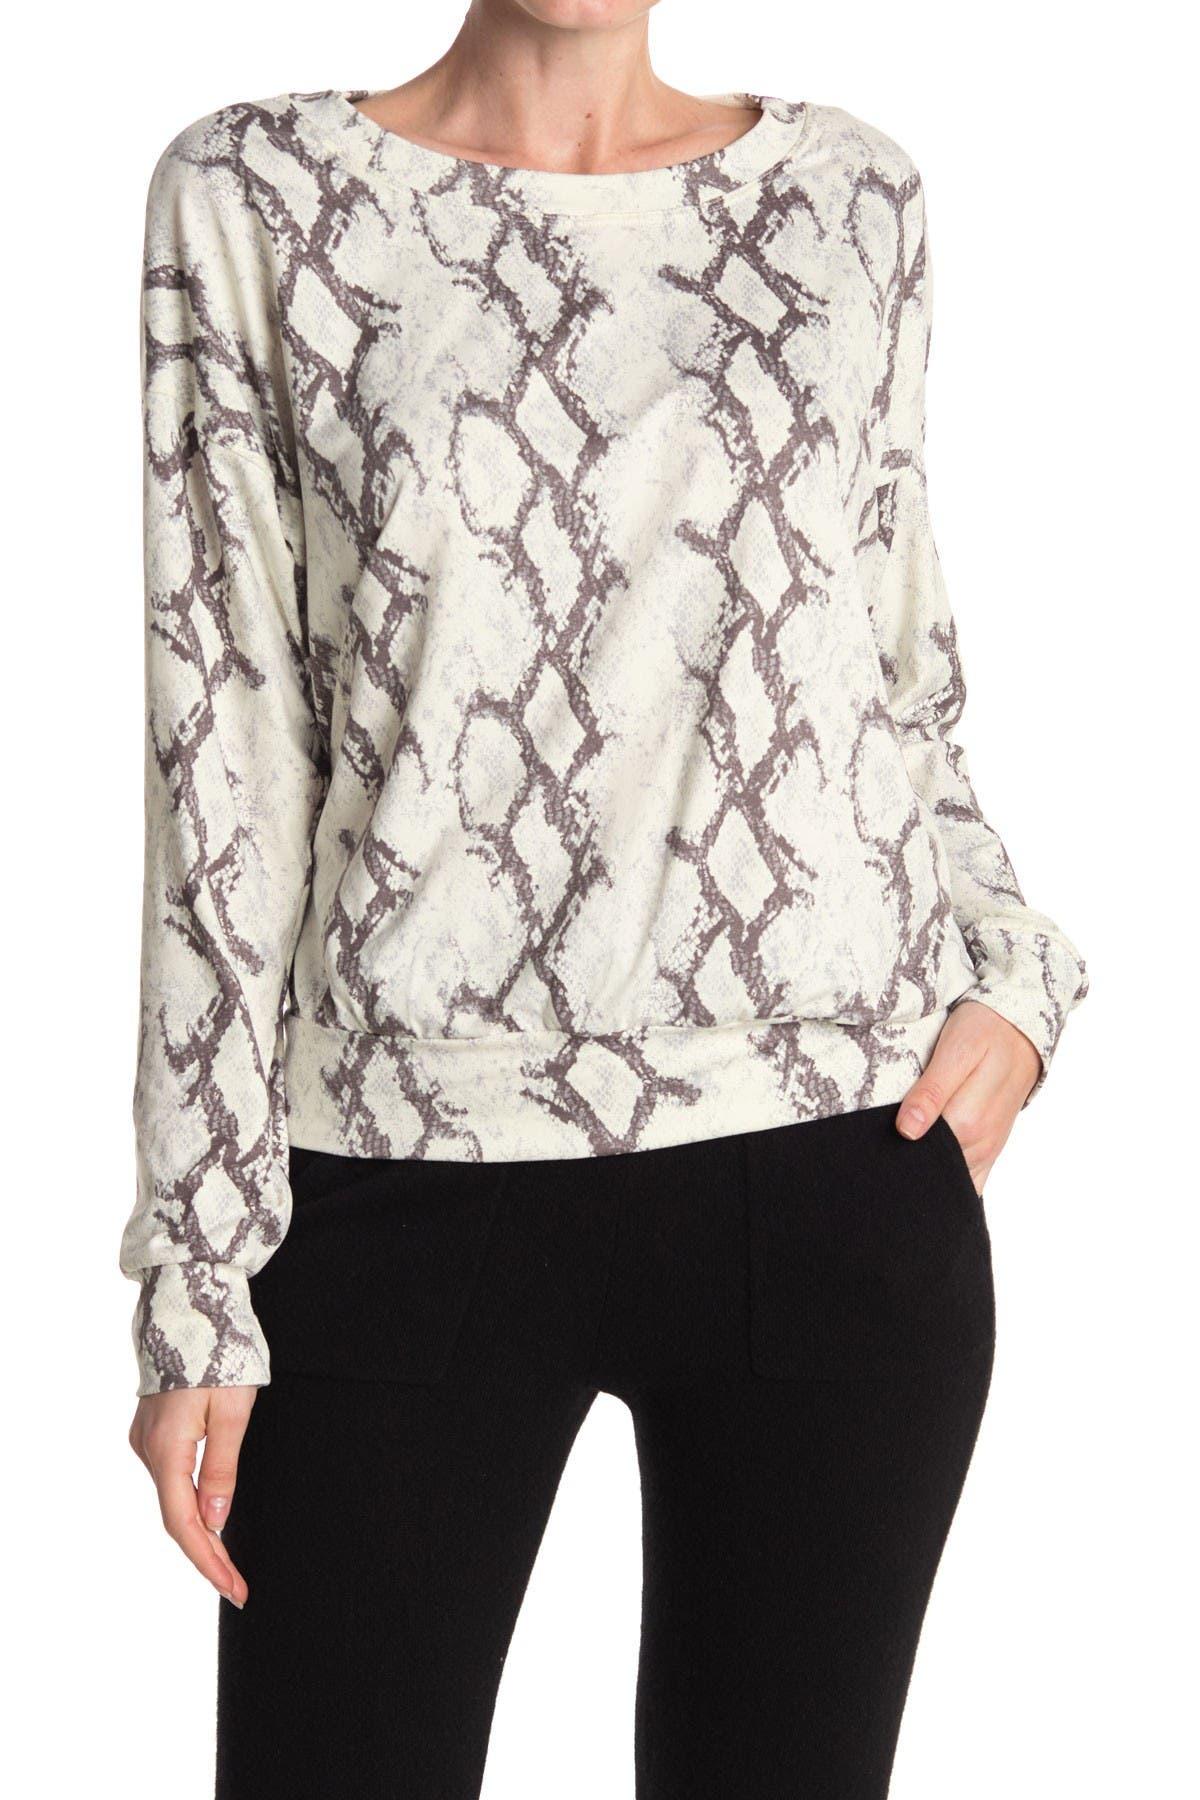 Image of Socialite Long Sleeve Tie Dye Print Pullover Sweatshirt